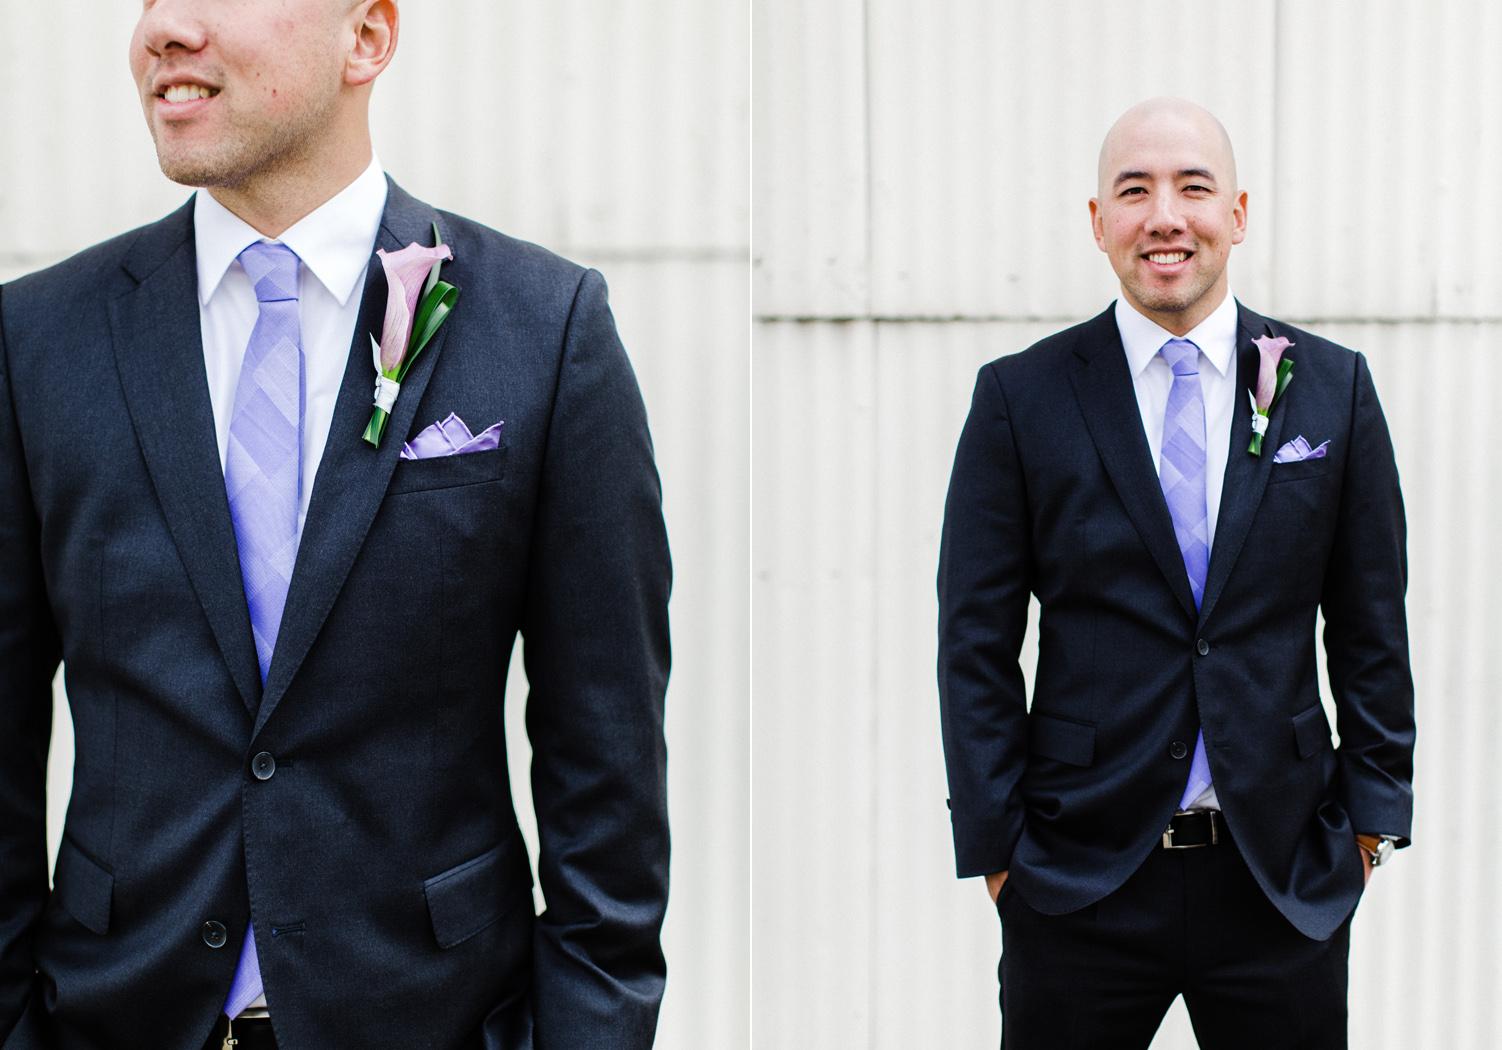 Seattle Wedding Photography Groom Wedding Style.jpg